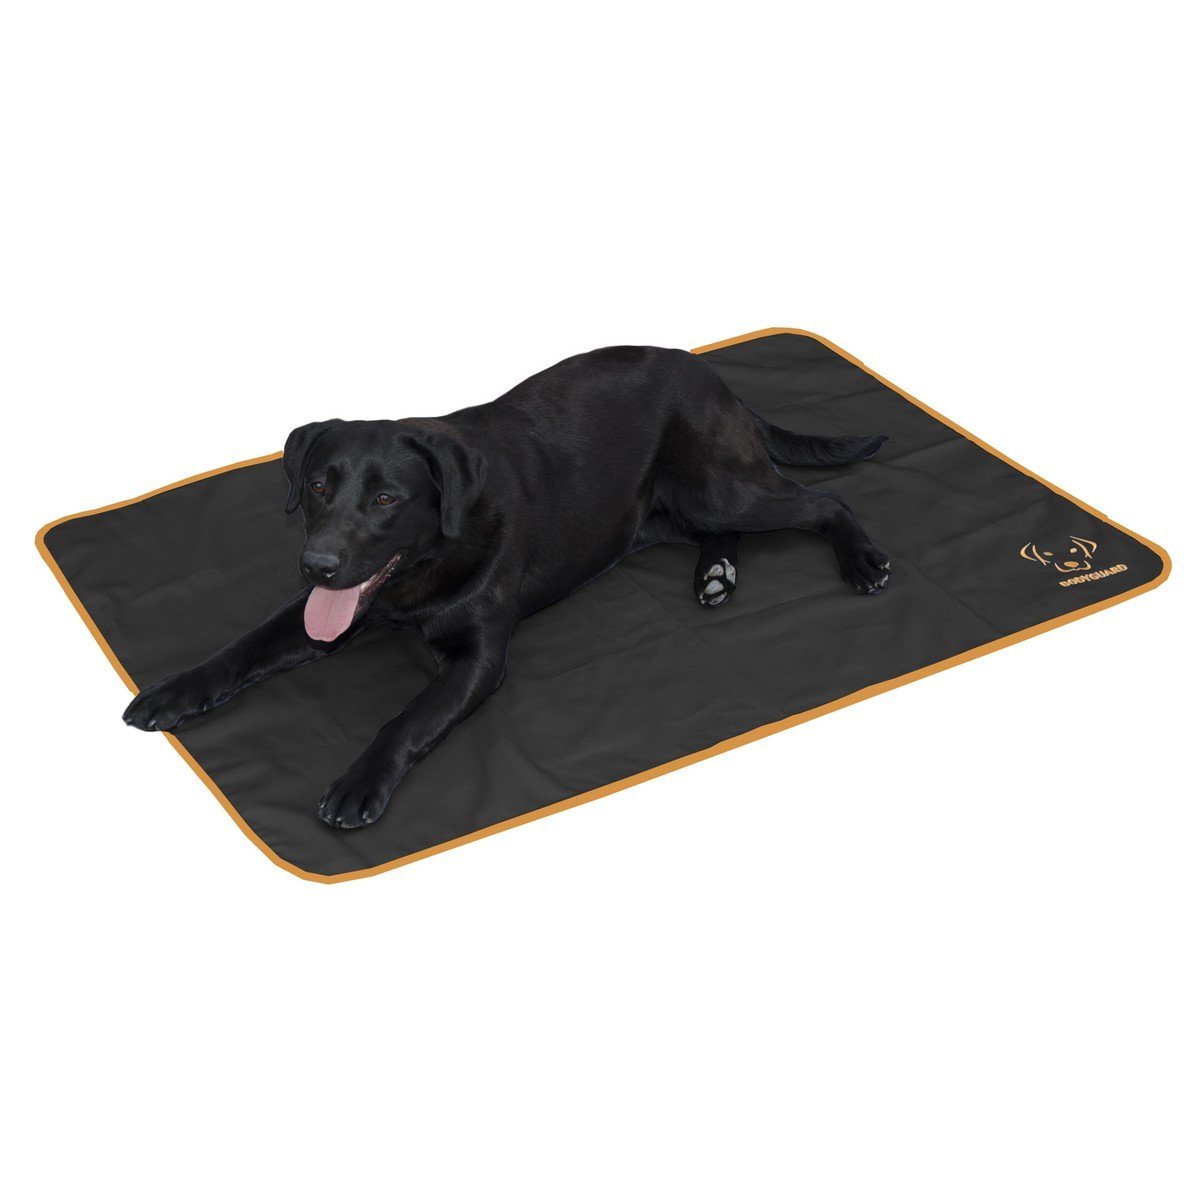 Afbeelding van Bodyguard Dog Blanket Zwart 120x80cm